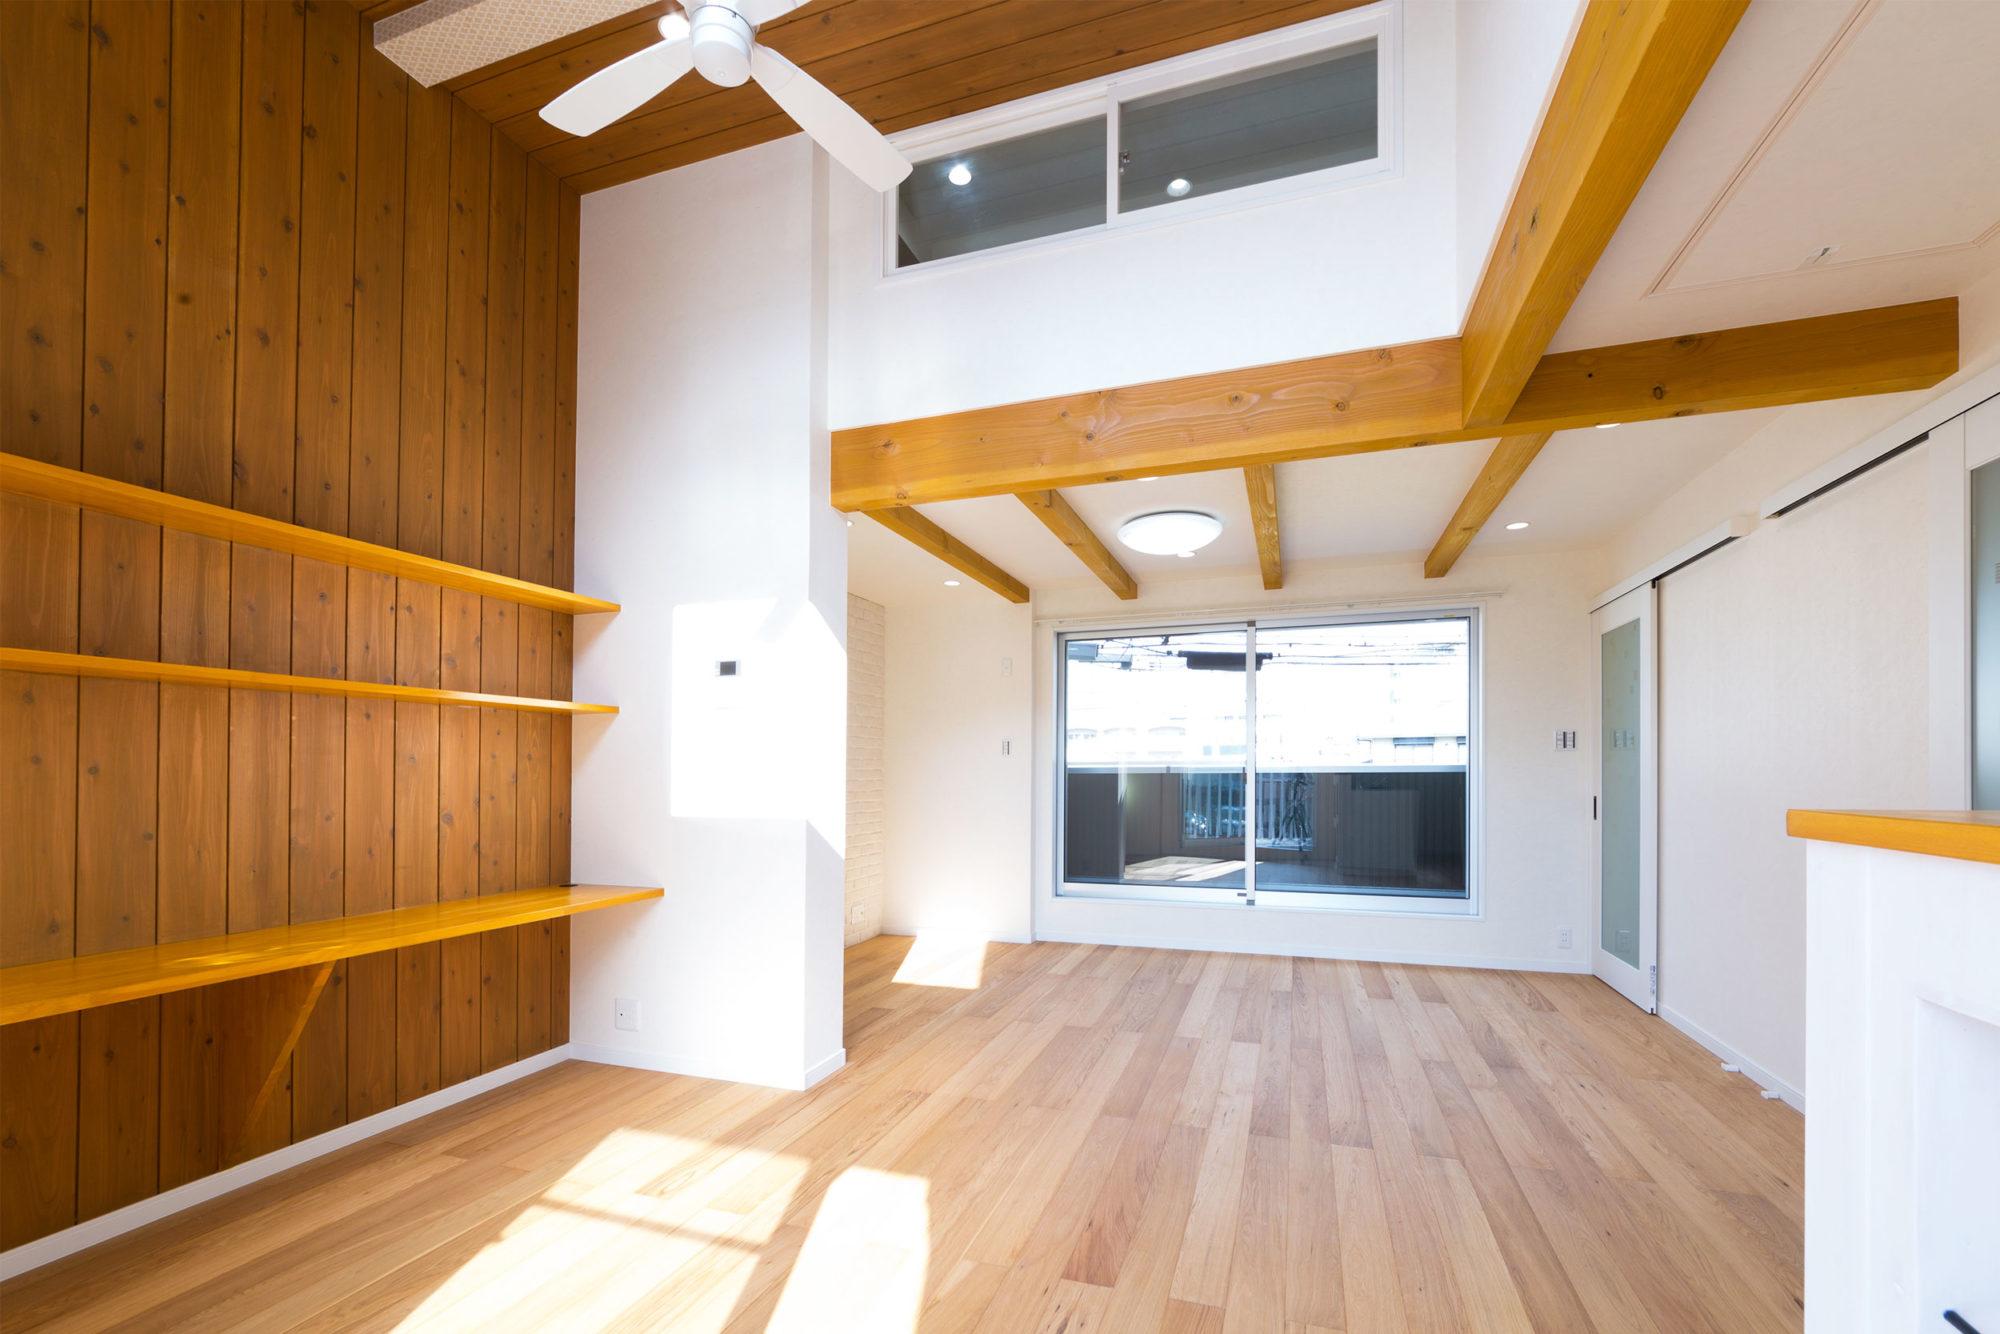 高い天井で開放的なお家